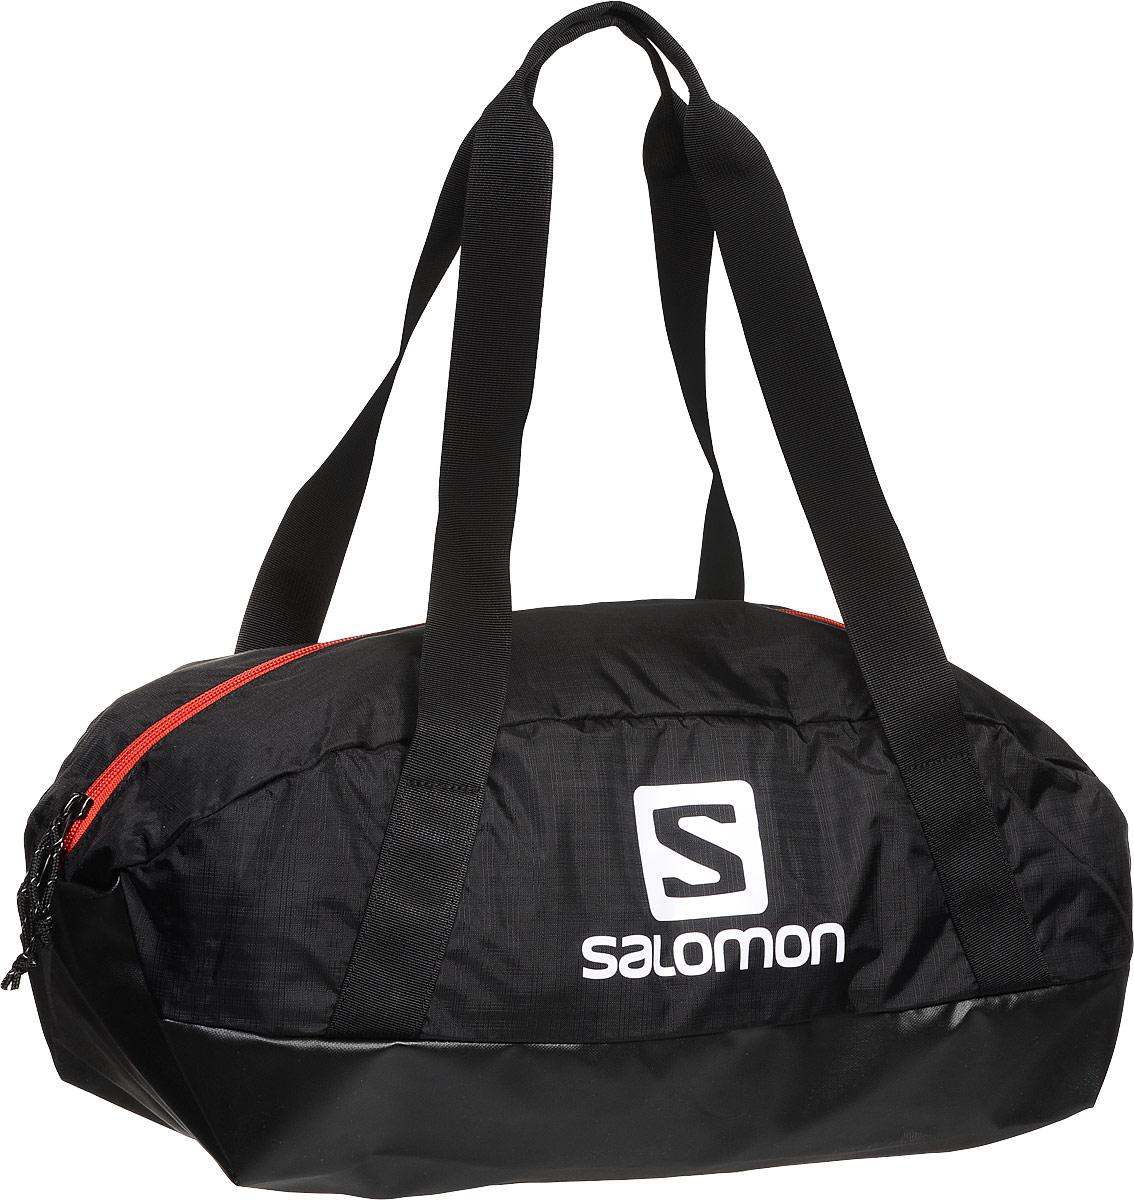 Сумка спортивная Salomon Prolog 25 Bag, цвет: черный, 25 л. L3800230095429-924Сумка Salomon Prolog 25 Bag выполнена из качественного полиэстера и оформлена принтом с изображением логотипа бренда. Сумка оснащена удобными ручками и закрывается на удобную застежку-молнию. Внутри расположено вместительное отделение, которое содержит небольшой вшитый карман на молнии для мелочей.